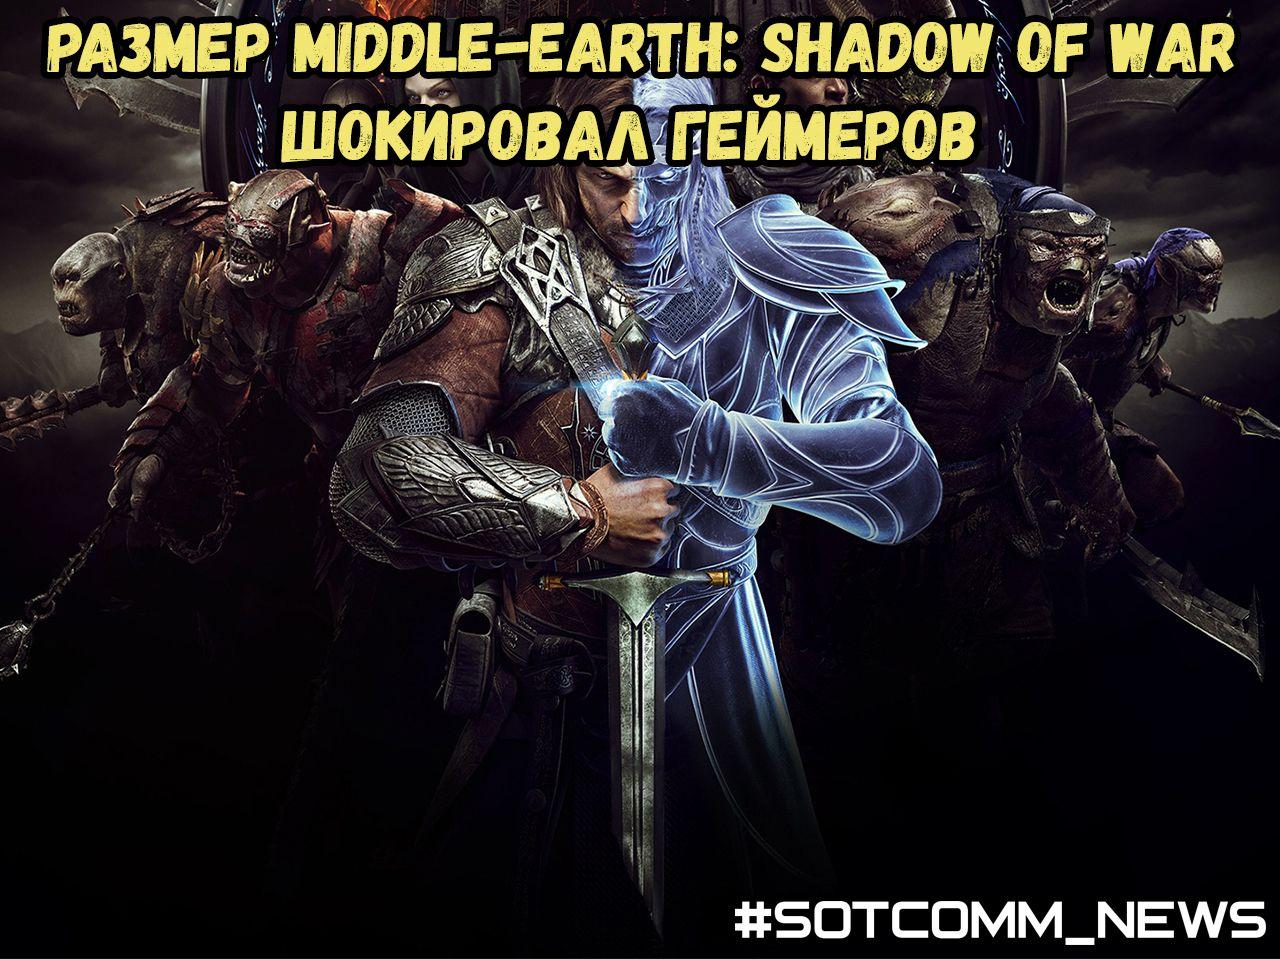 Размер Middle-earth: Shadow of War шокировал геймеров